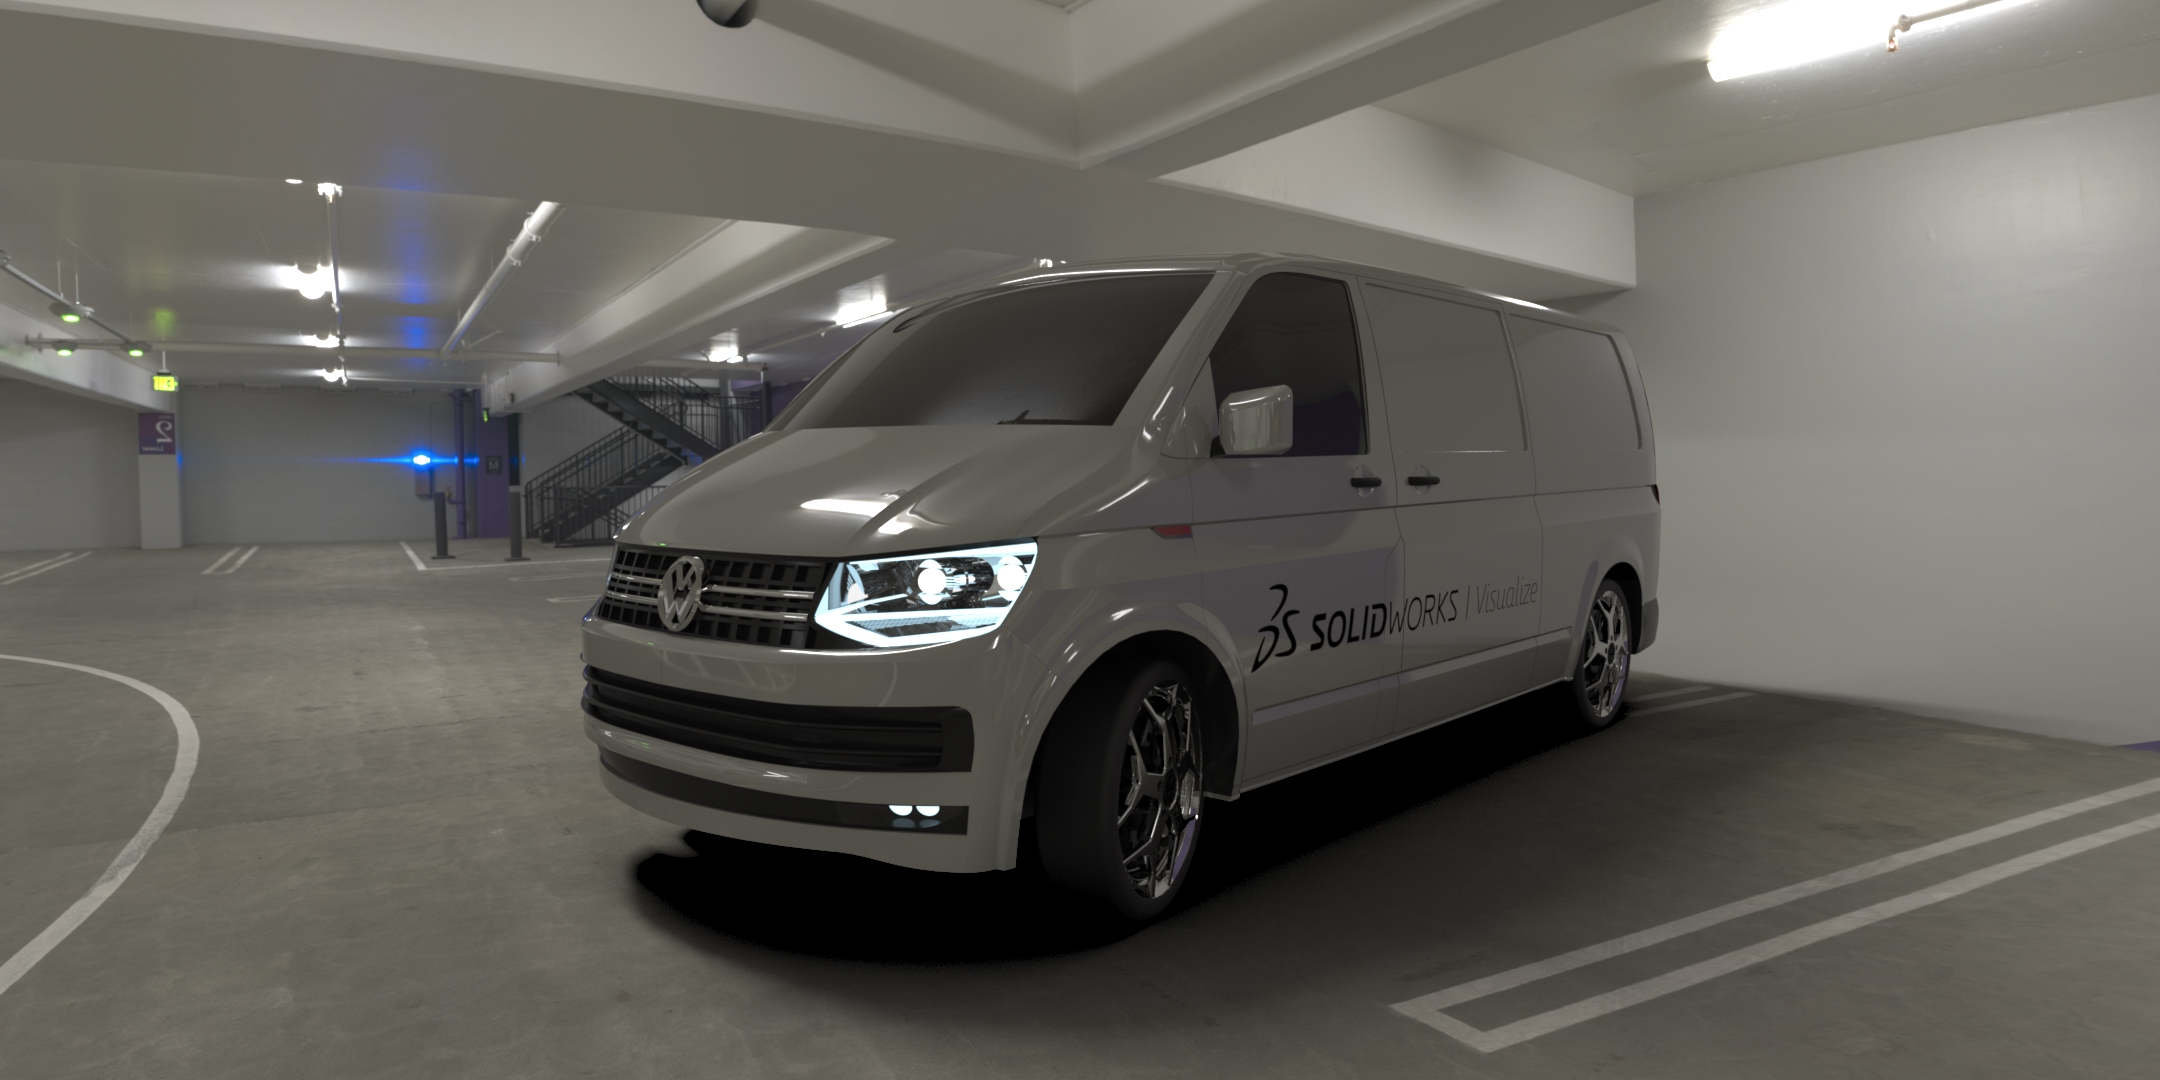 用SolidWorks设计的一款大众运输车T6